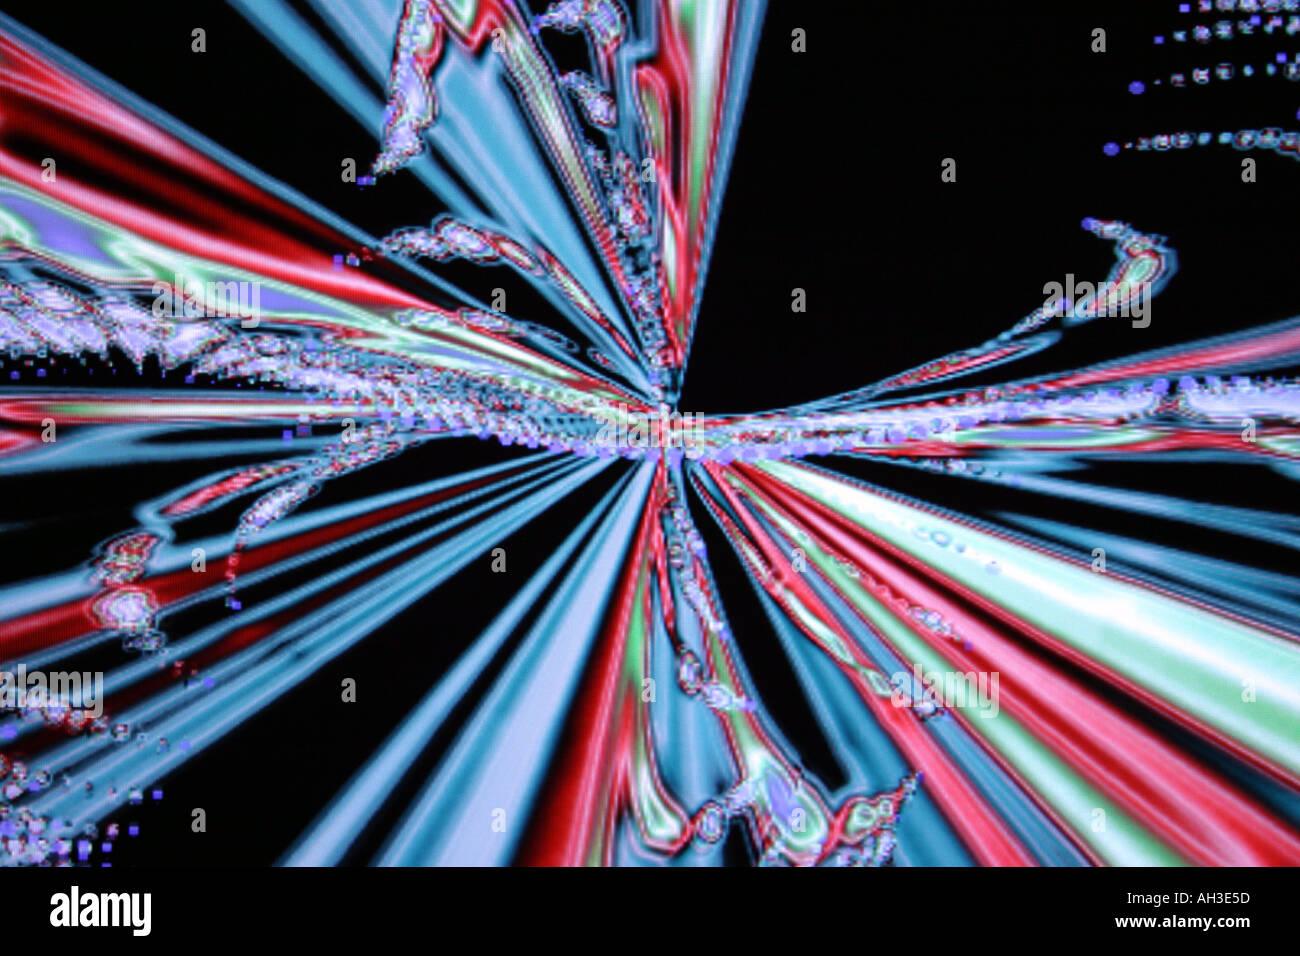 Conceptuel abstrait conceptuel fonds colorés hi tech surréaliste d'effets spéciaux Photo Stock